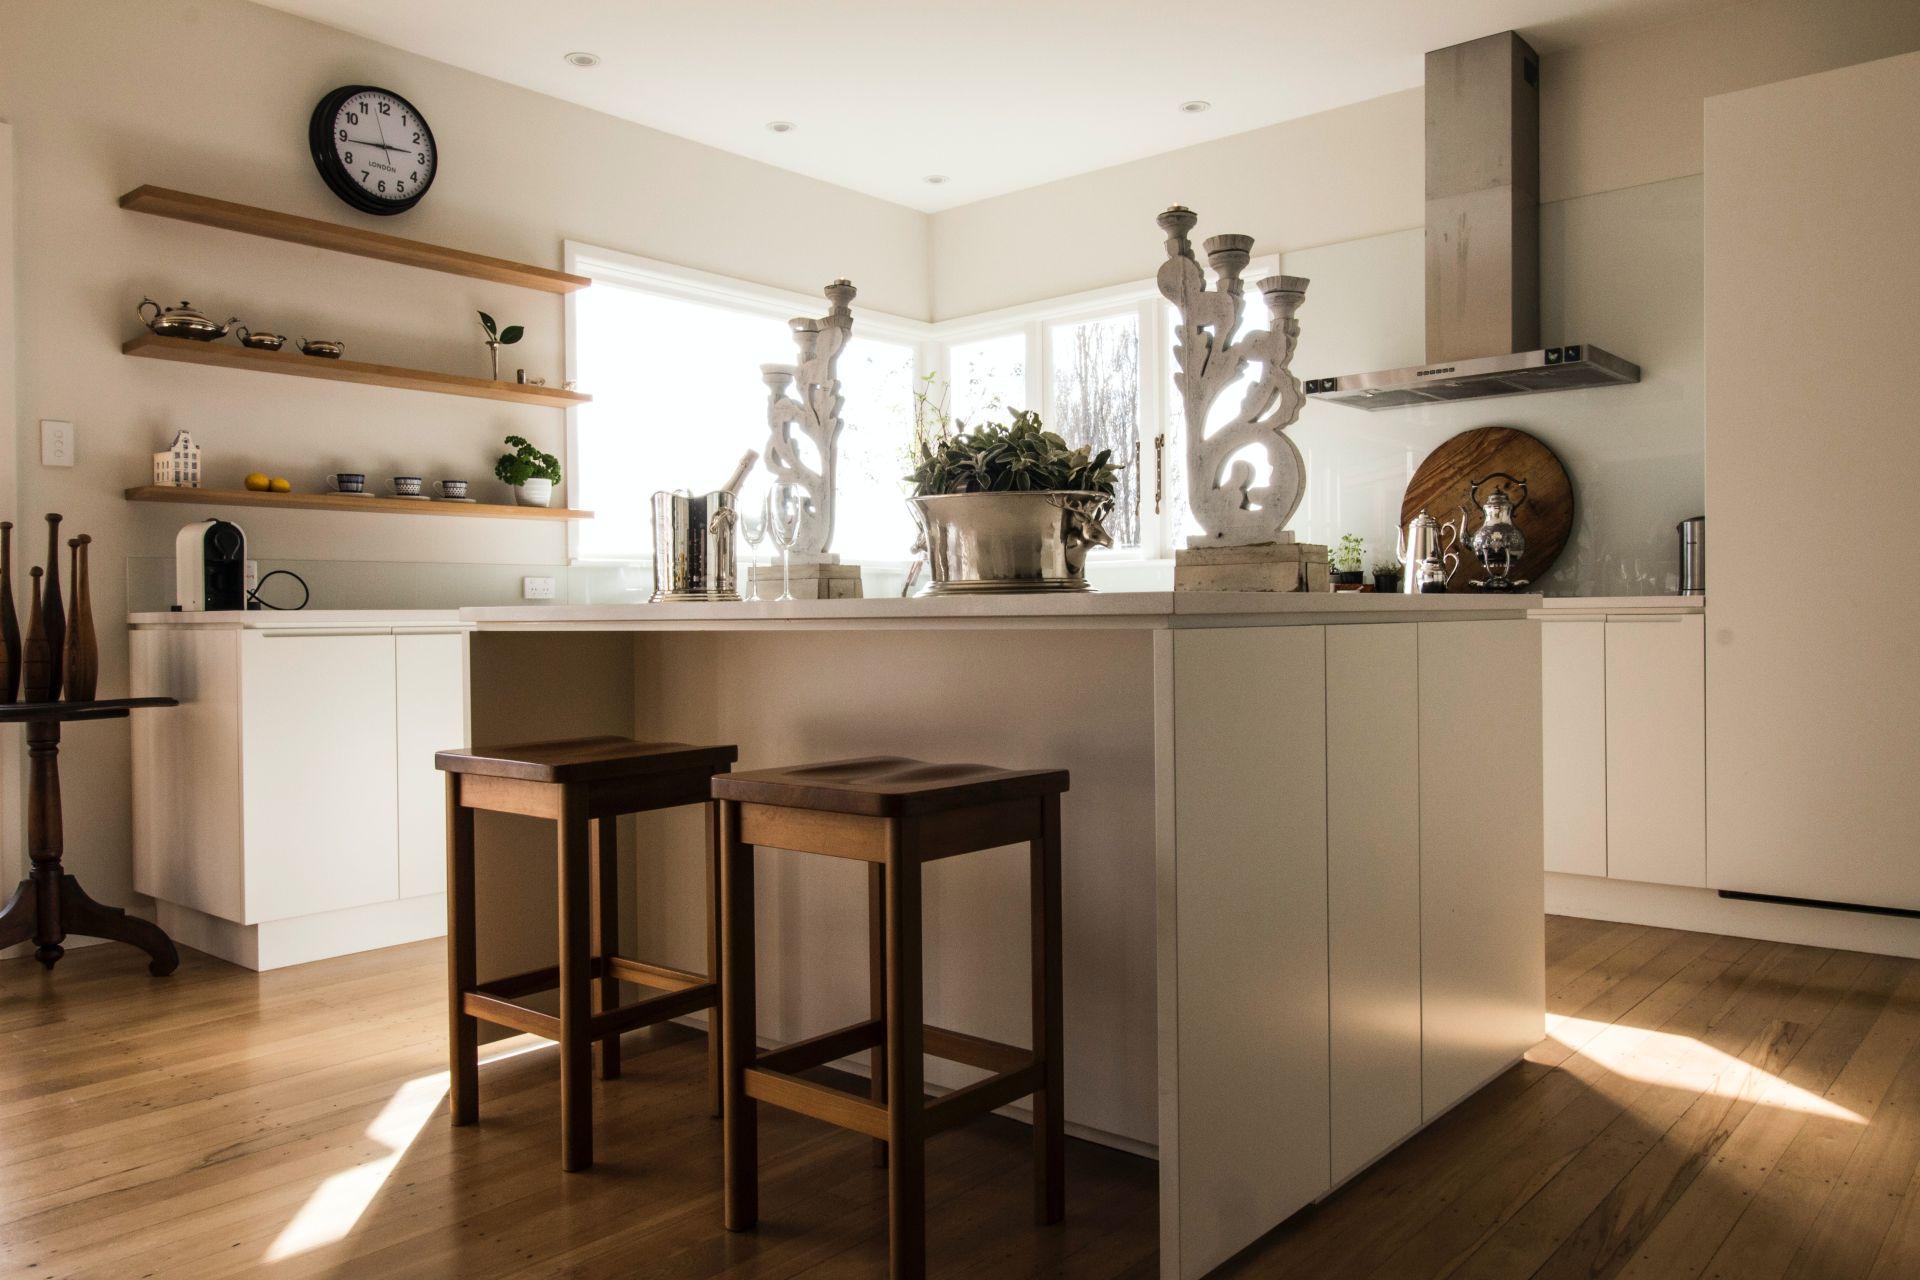 Κουζίνα ένας χώρος εργασίας με πρωταγωνιστές τα splashbacks!